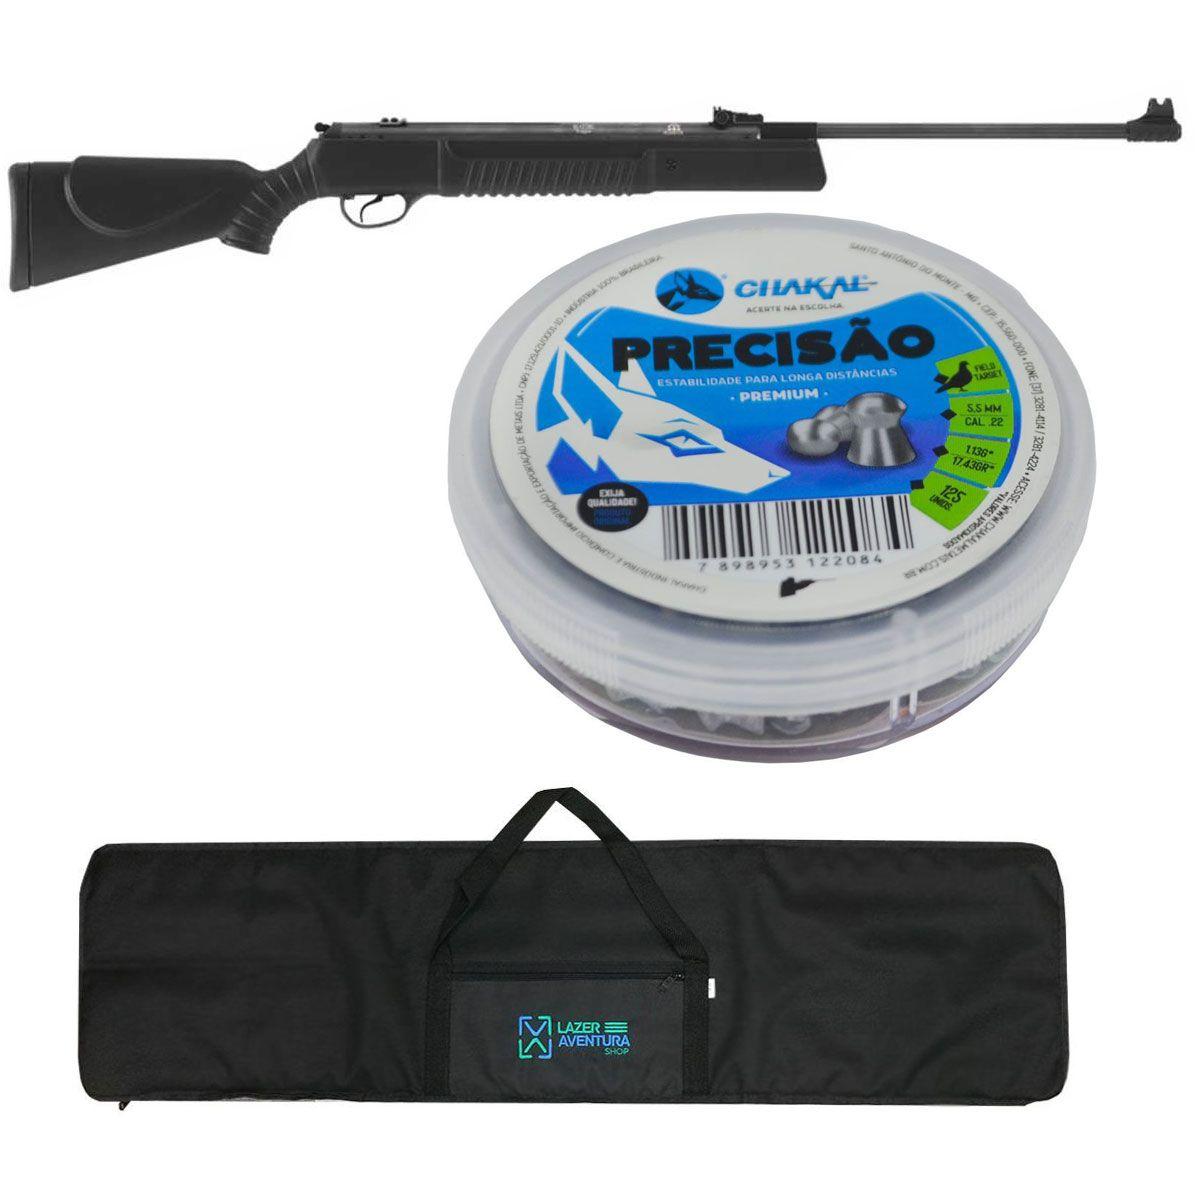 Kit Carabina 5,5mm + Chumbinho 5,5mm + Capa Lazer e Aventura